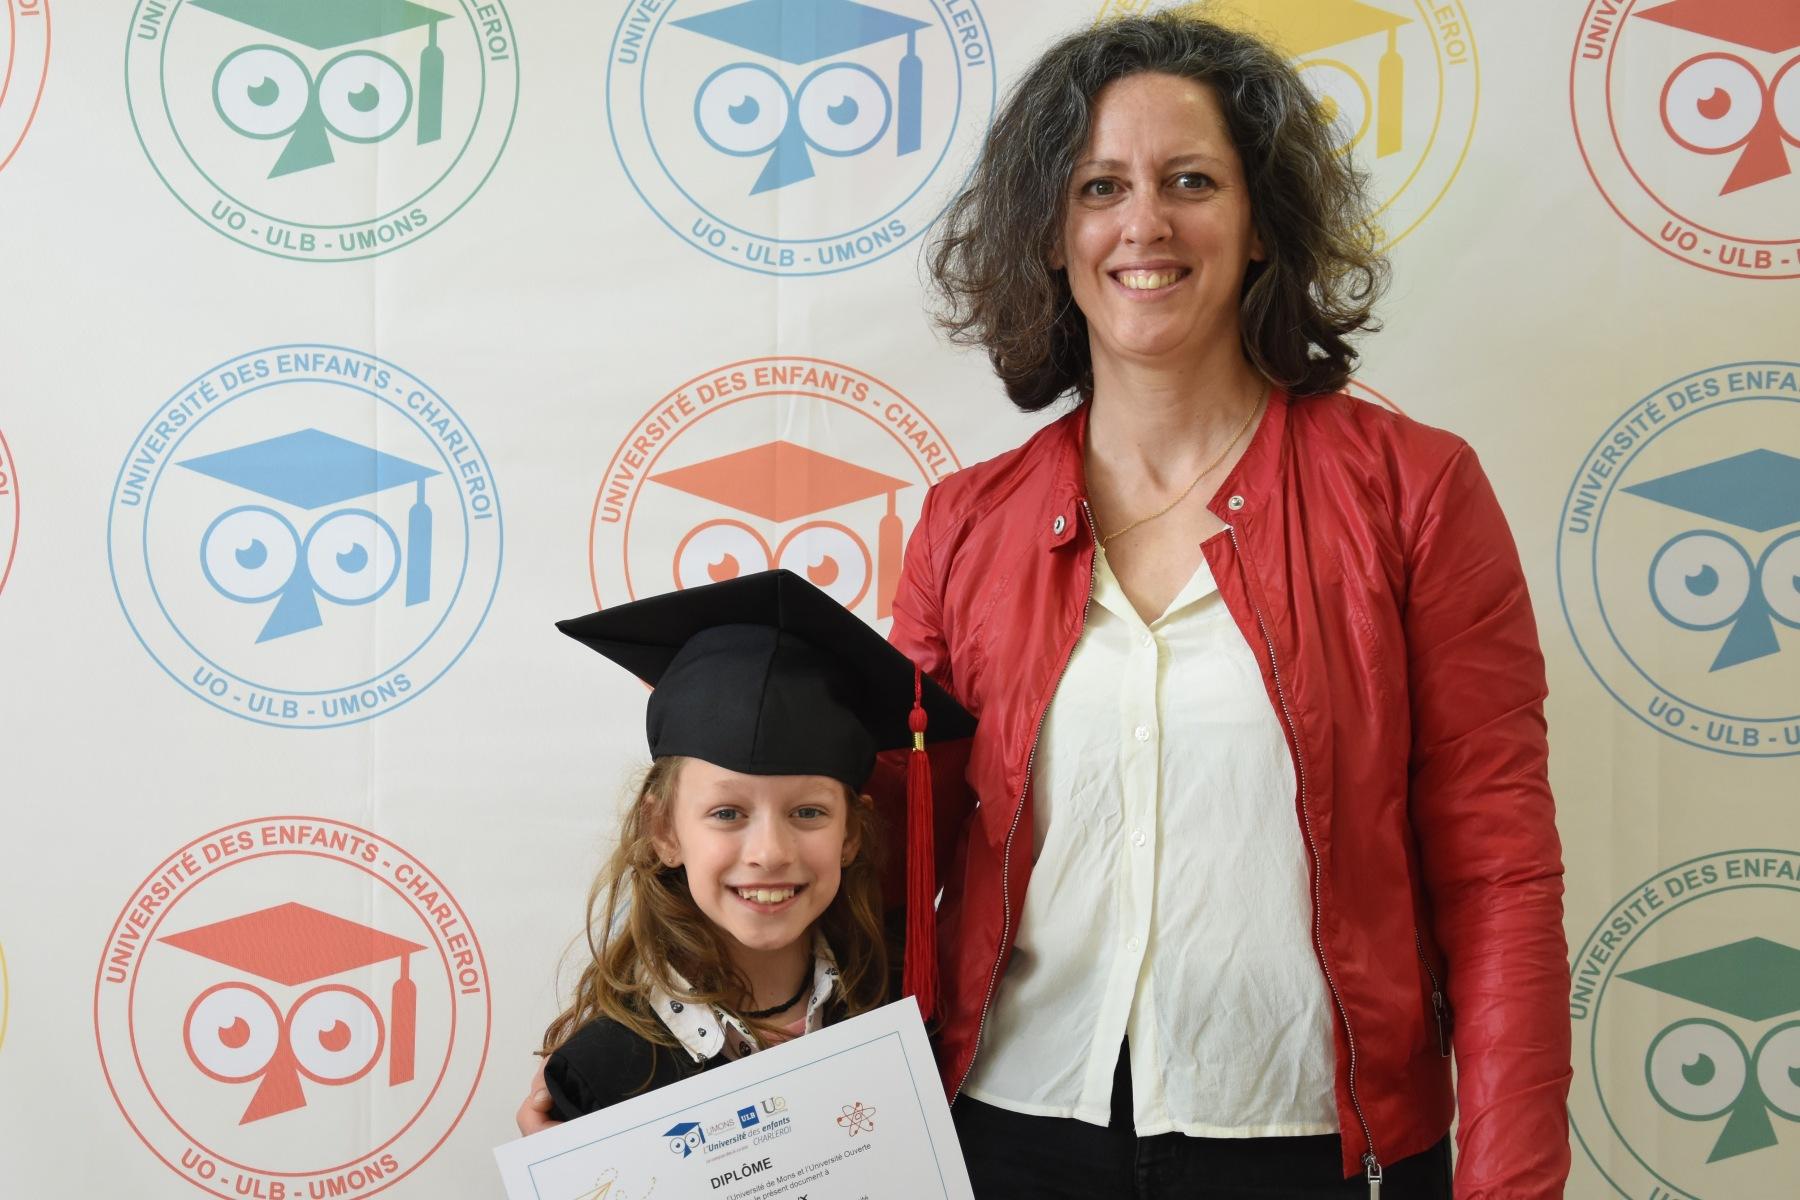 2021-05-12_Remise-de-diplome-62